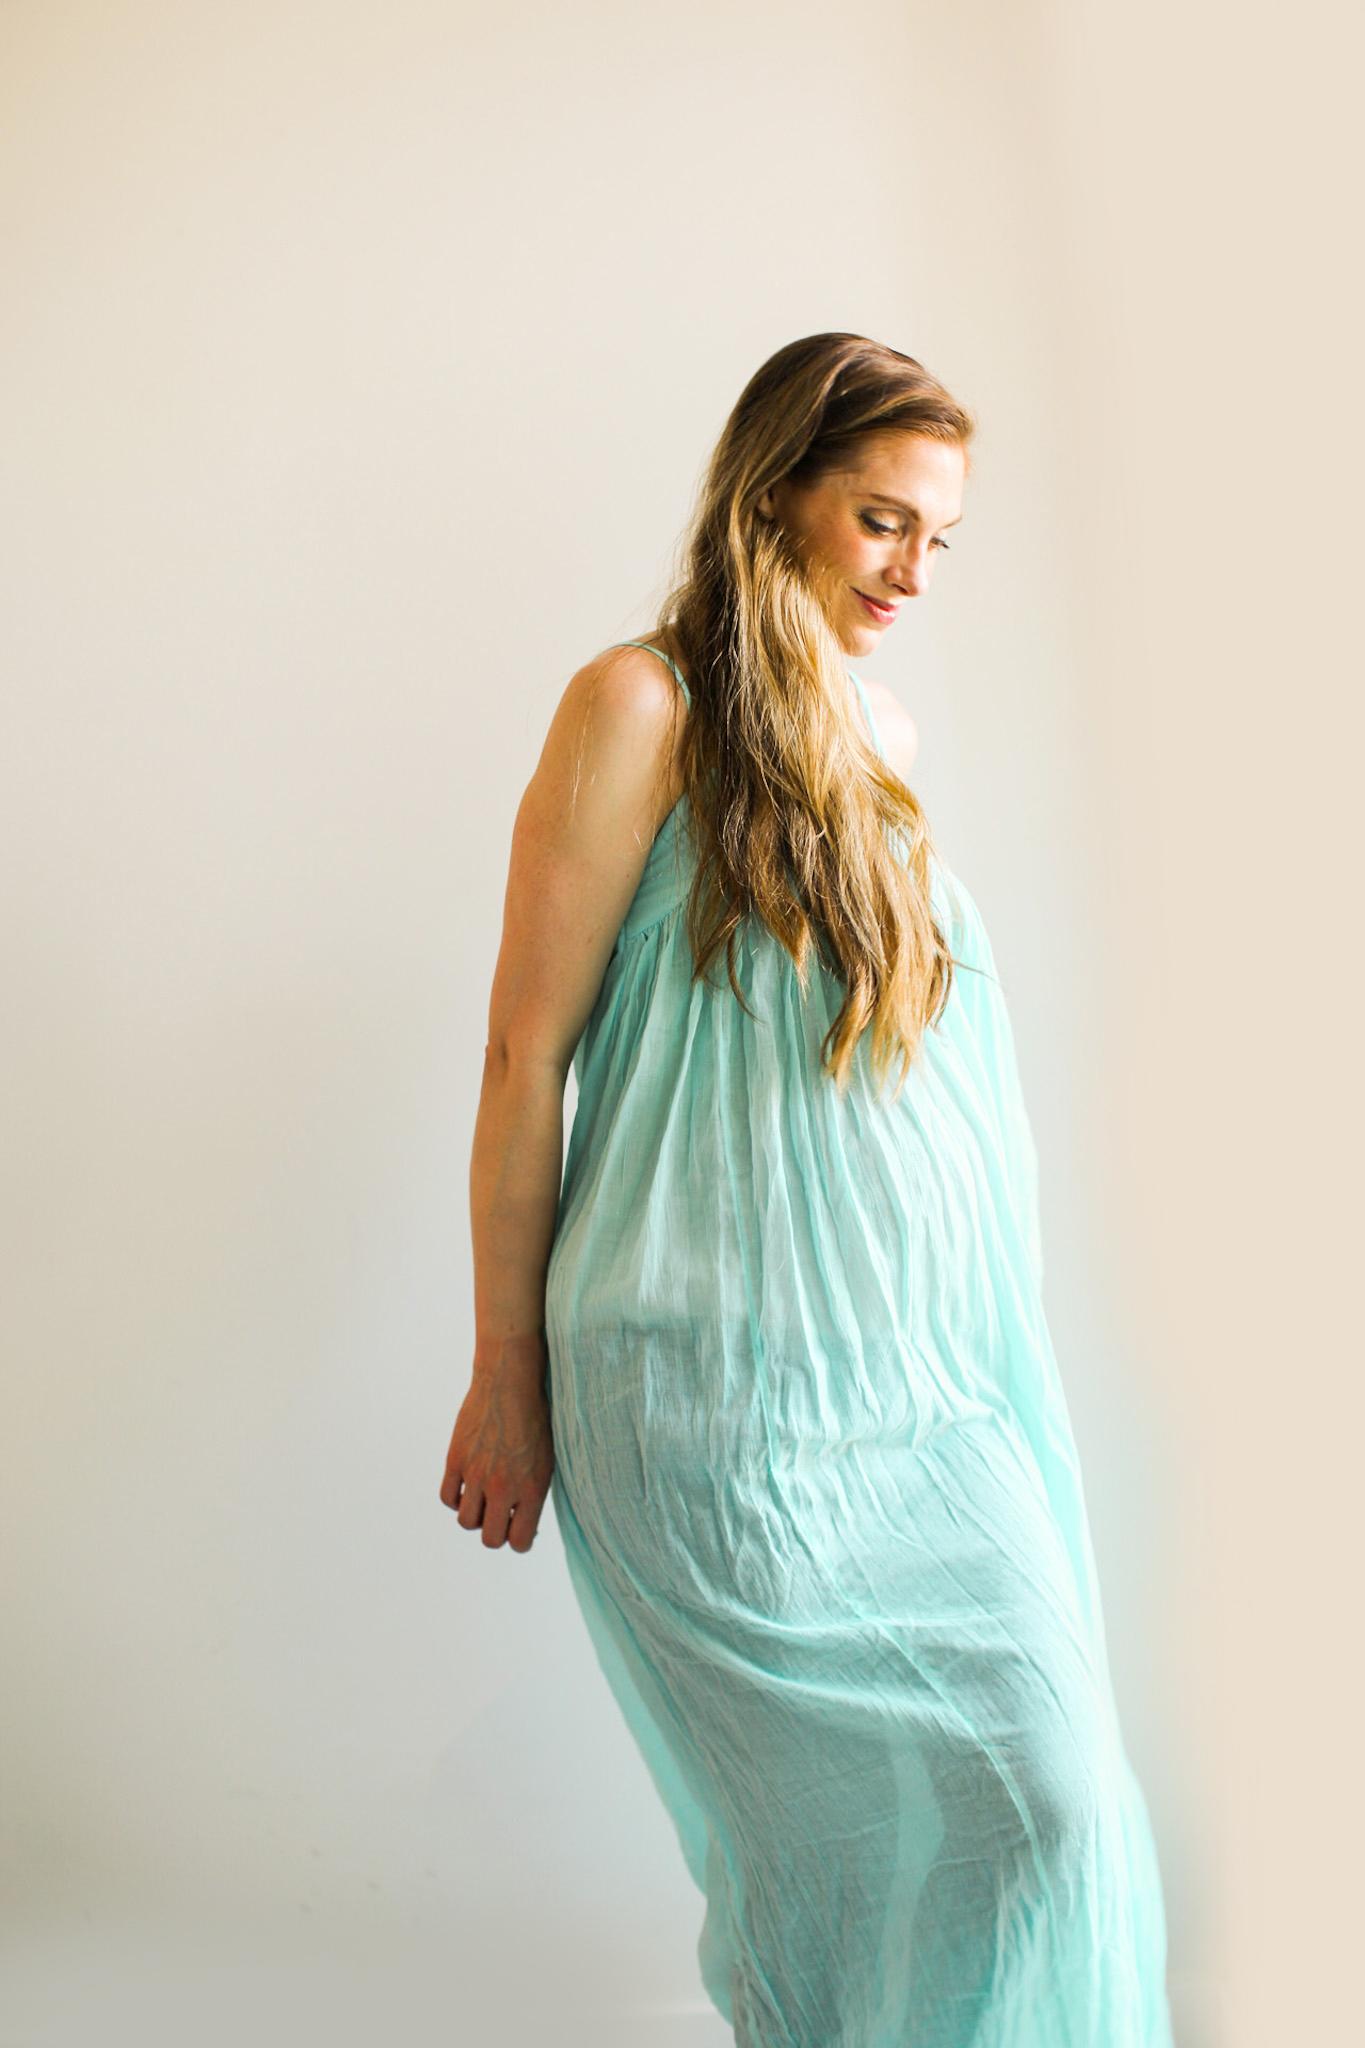 kathy grávida 37 semanas vestido aqua maternidade